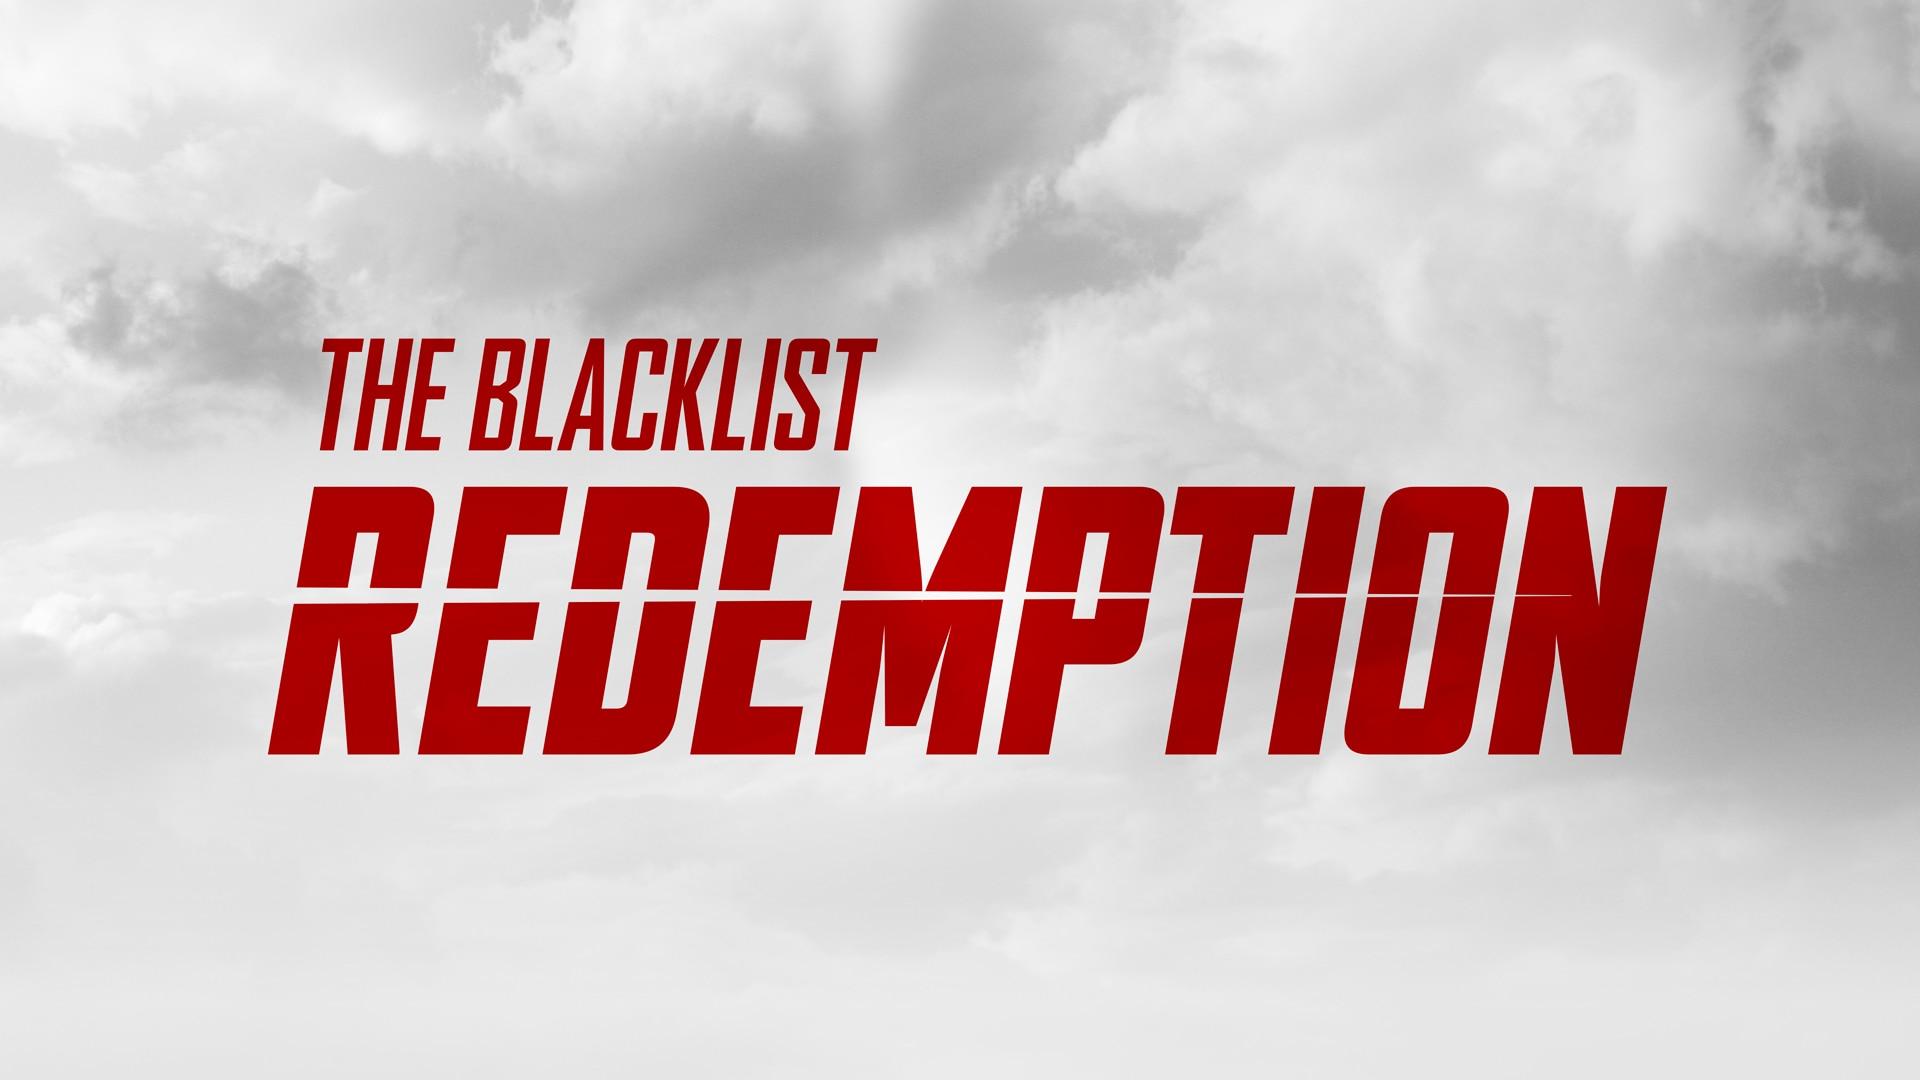 The Blacklist: Redemption - NBC.com